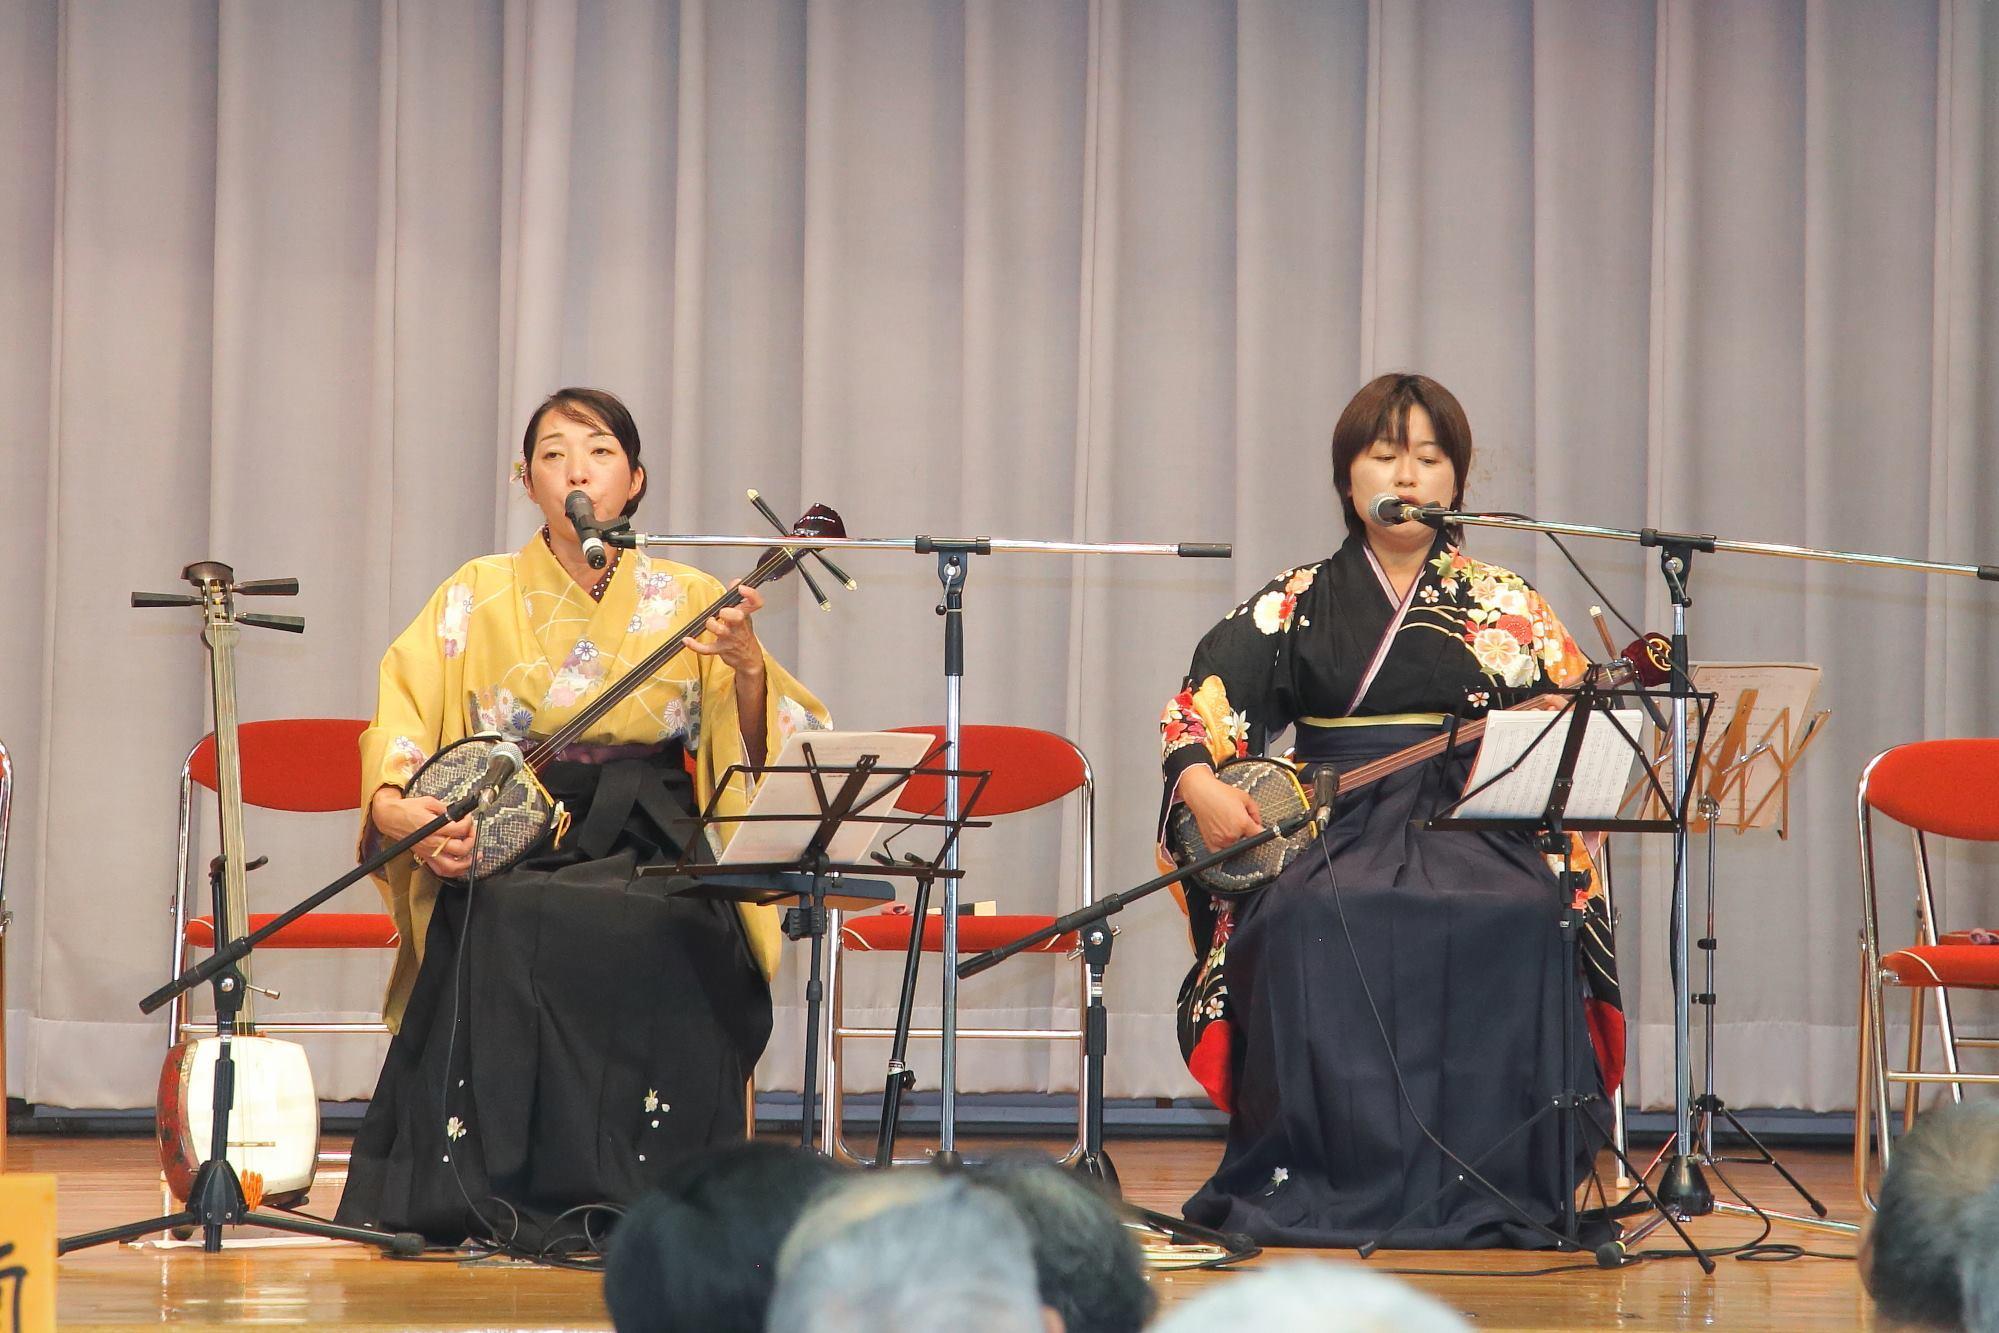 奄美の島唄の演奏